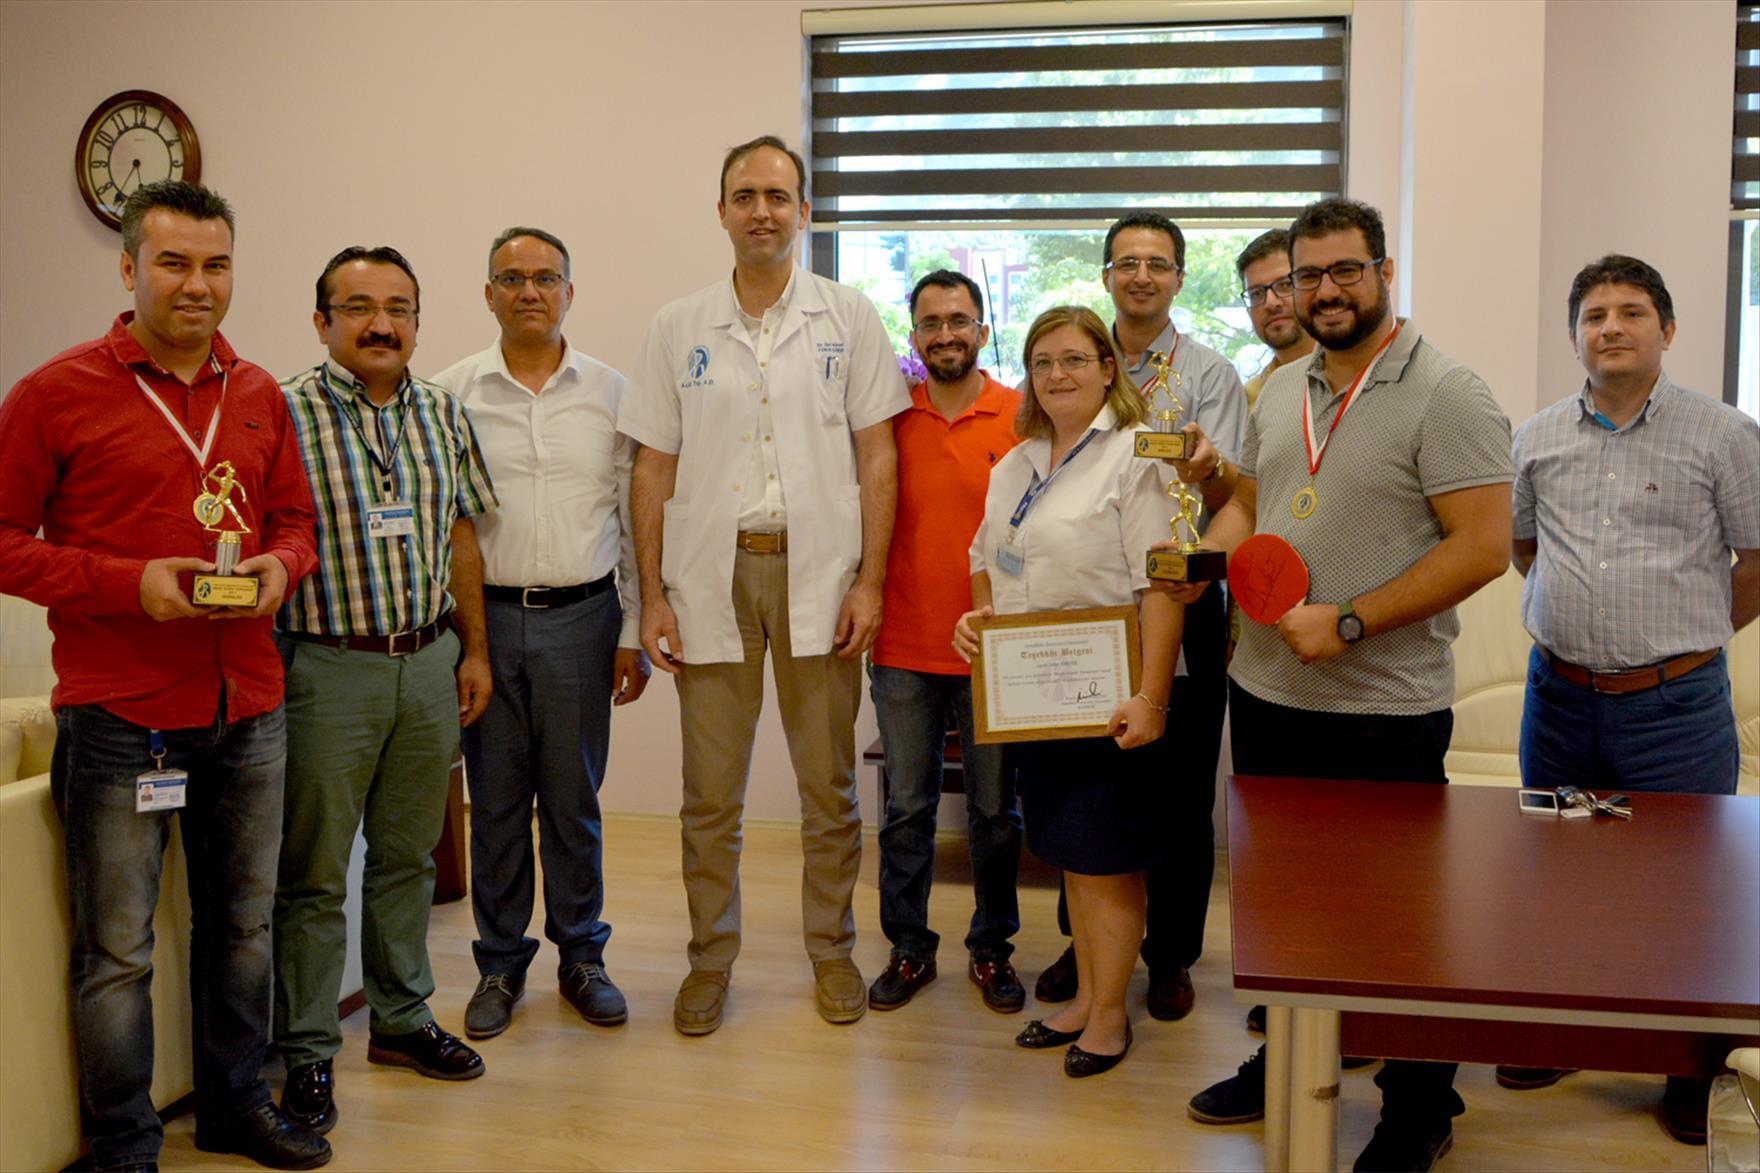 Pamukkale Üniversitesi Hastanesi'nde Gerçekleştirilen Masa Tenisi Turnuvası Sona Erdi 1. resim